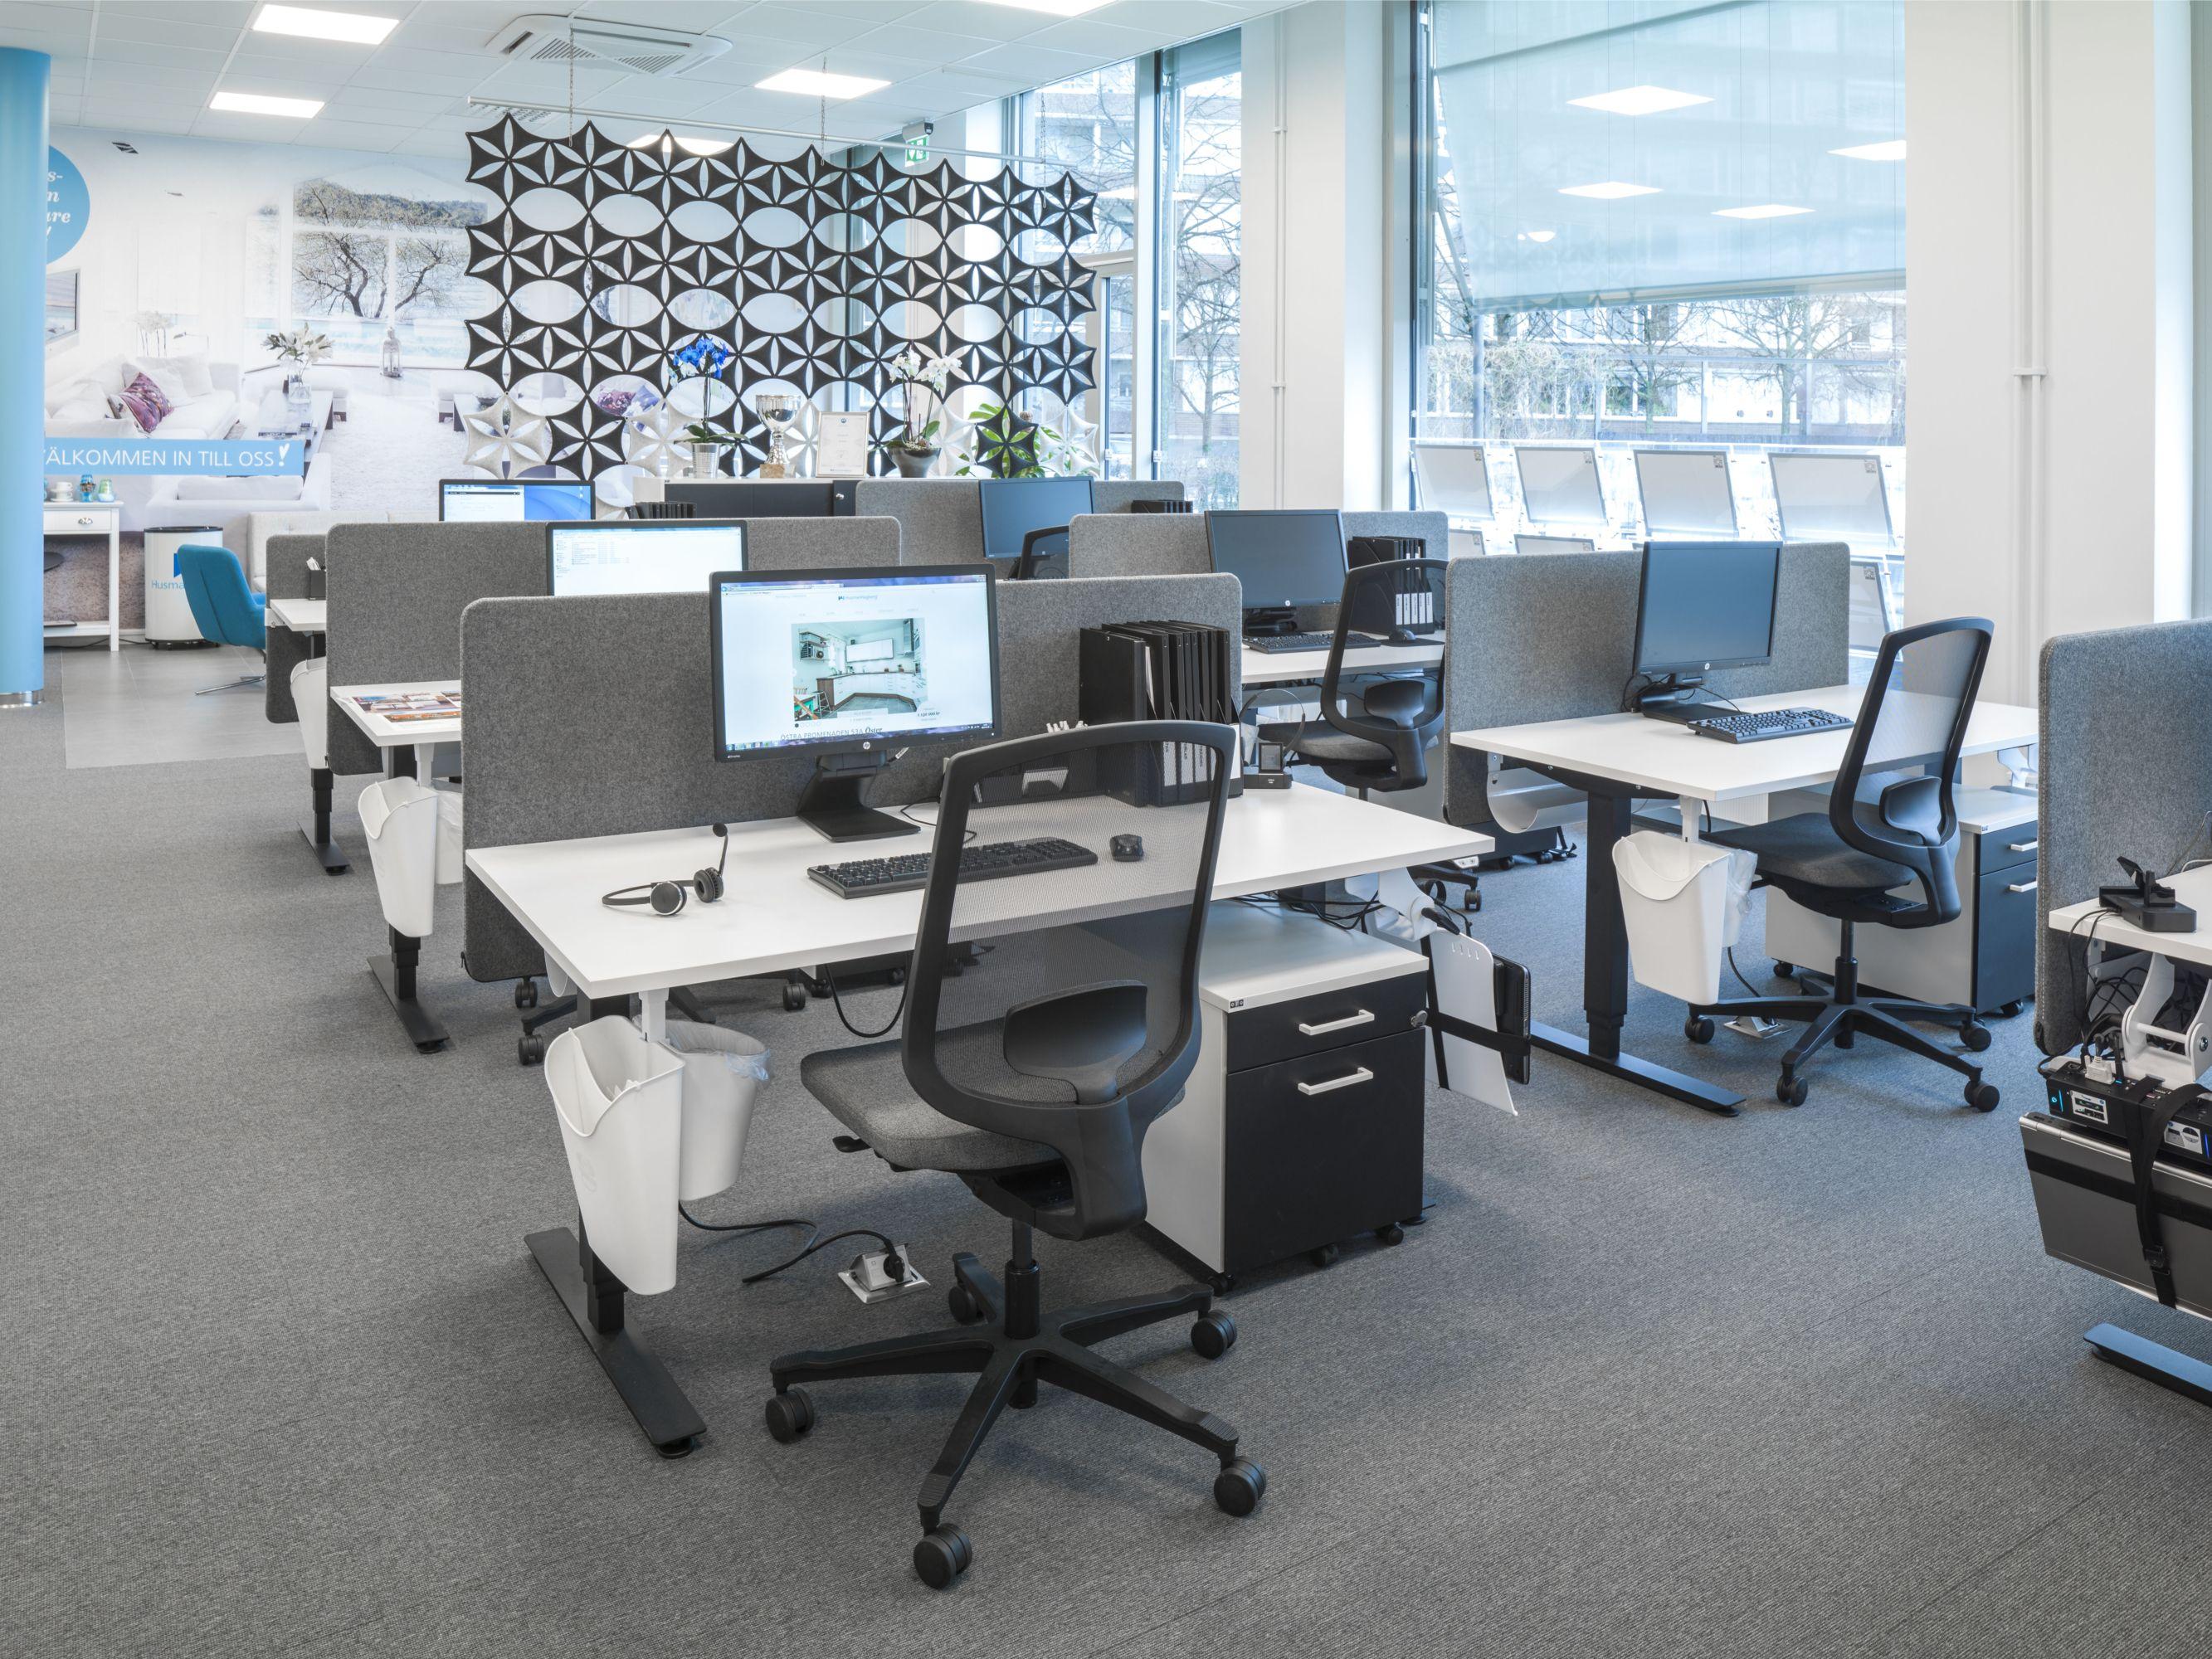 Modern storage area - Modern Open Office Area At Husmanhagberg Sweden Efg Izi Niveau Efg One